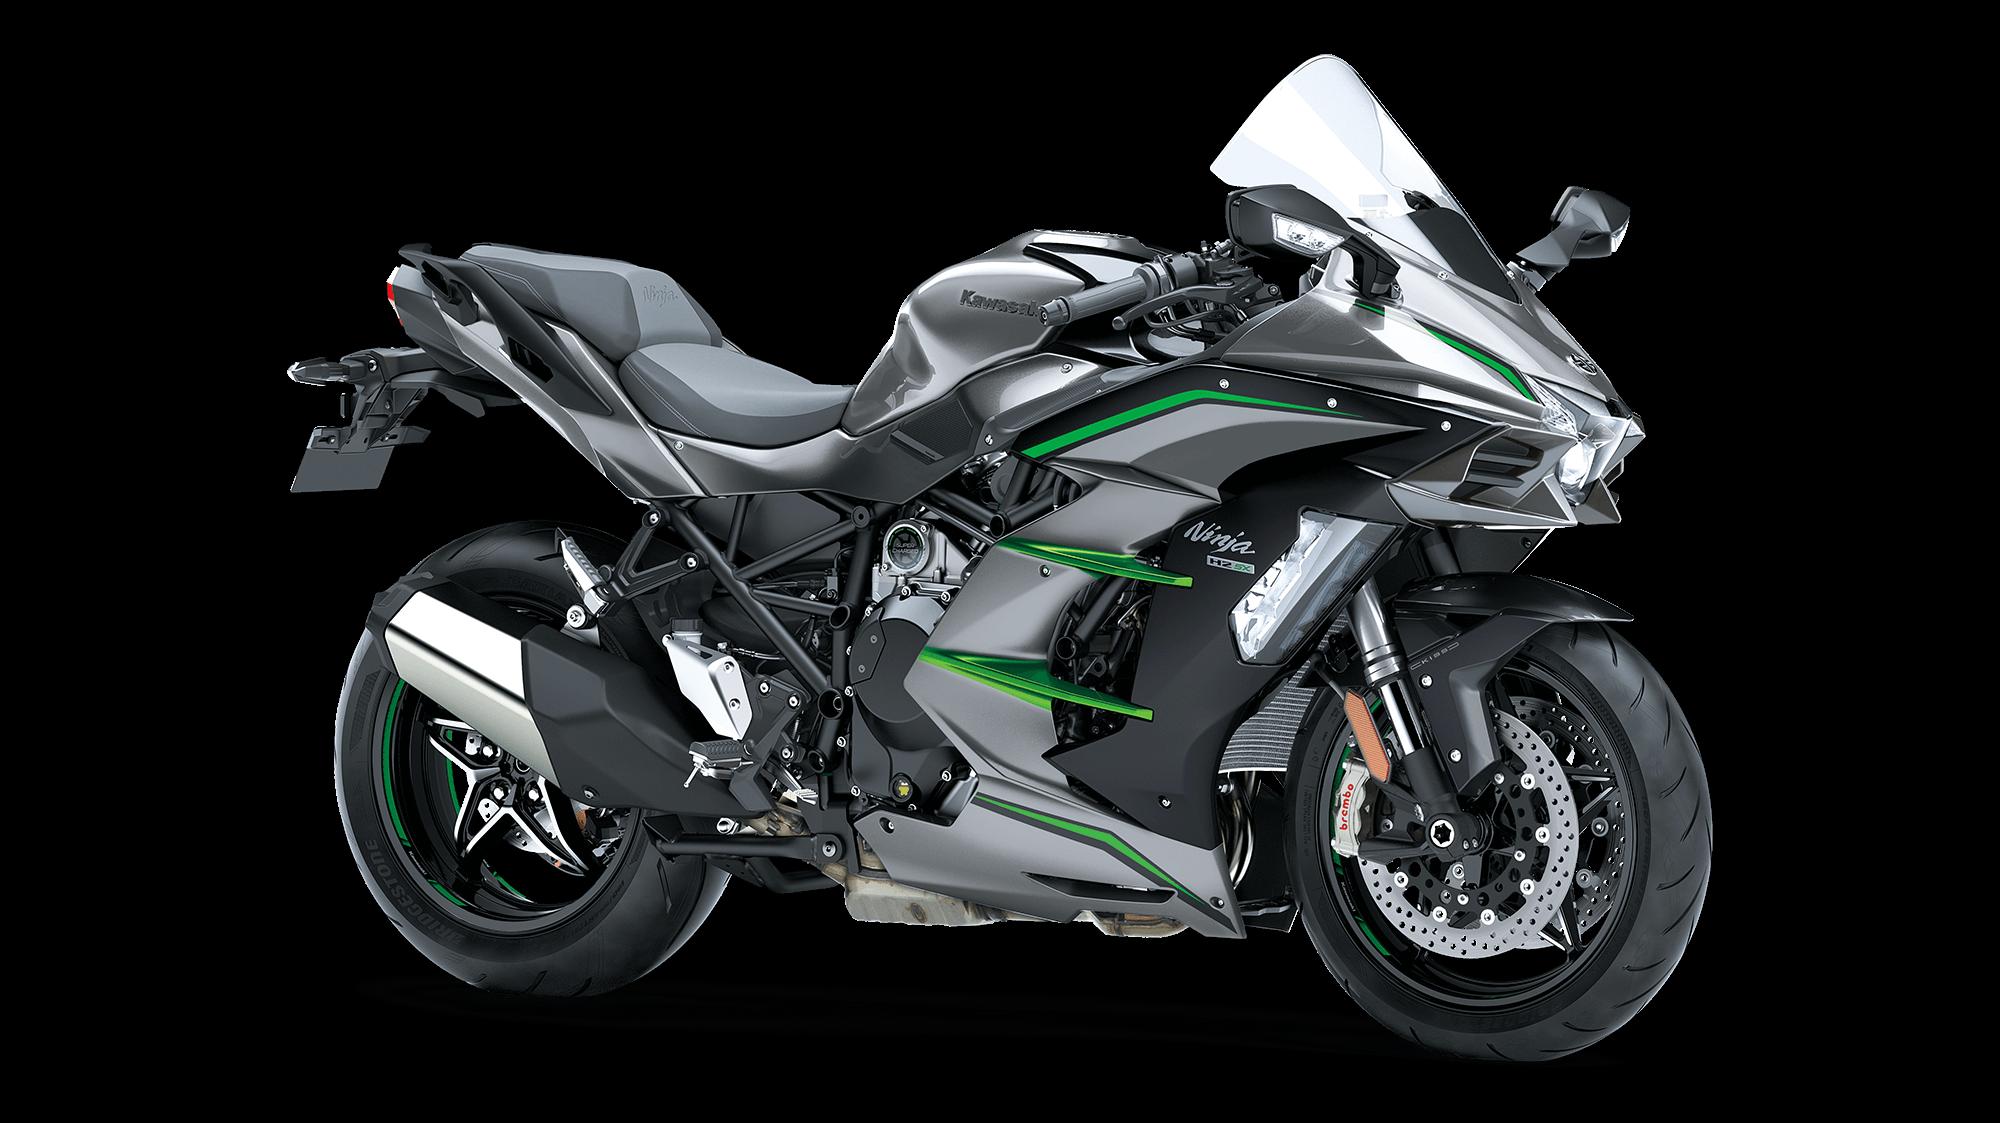 2019 Ninja H2 Sx Se Ninja Motorcycle By Kawasaki